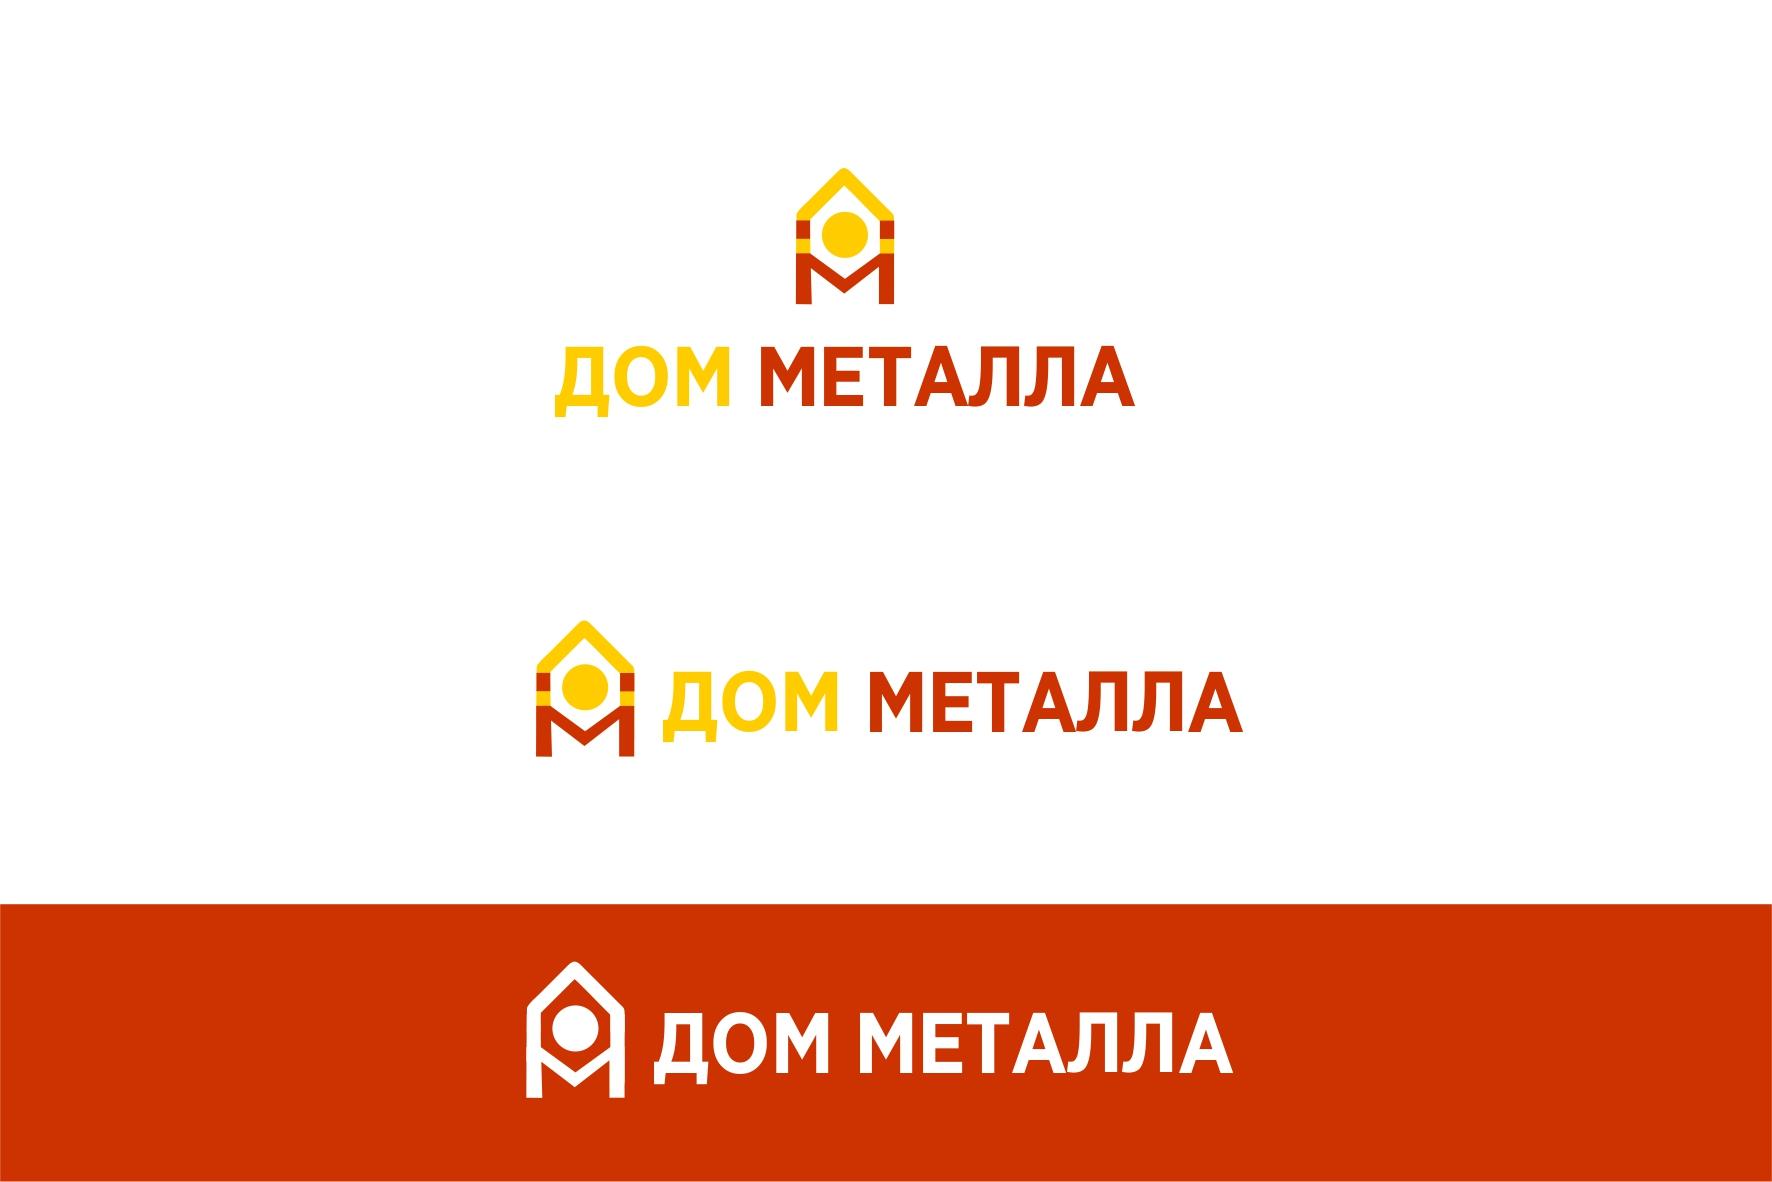 Разработка логотипа фото f_2715c5ae3b5da49d.jpg